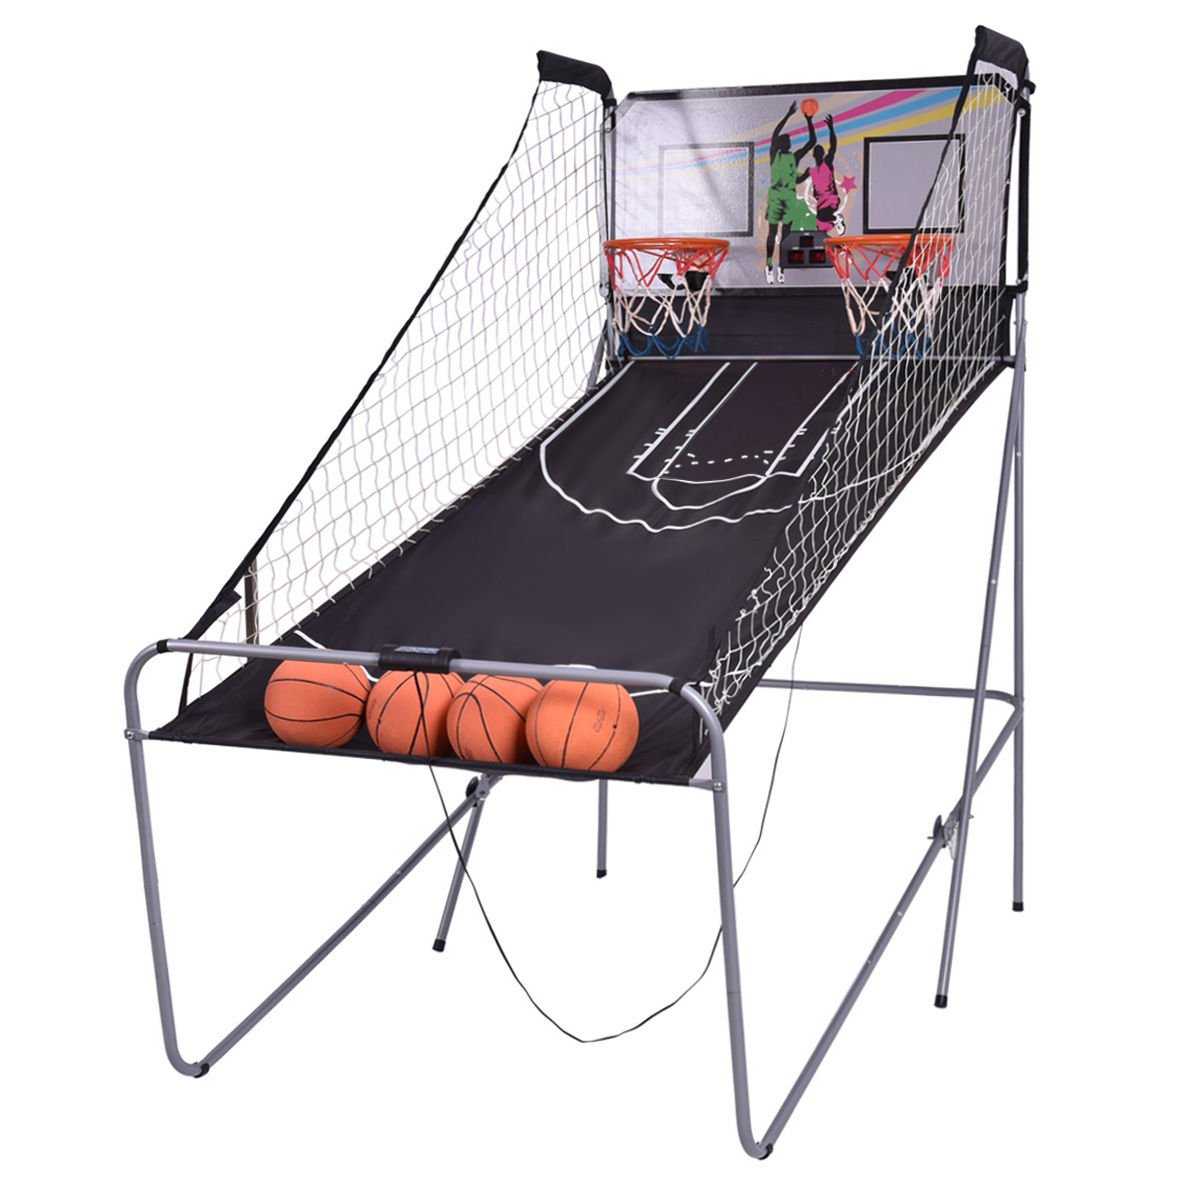 インドアバスケットボールArcade Gameダブル電子フープショット2プレーヤーW / 4 Balls B078WPZ3NG